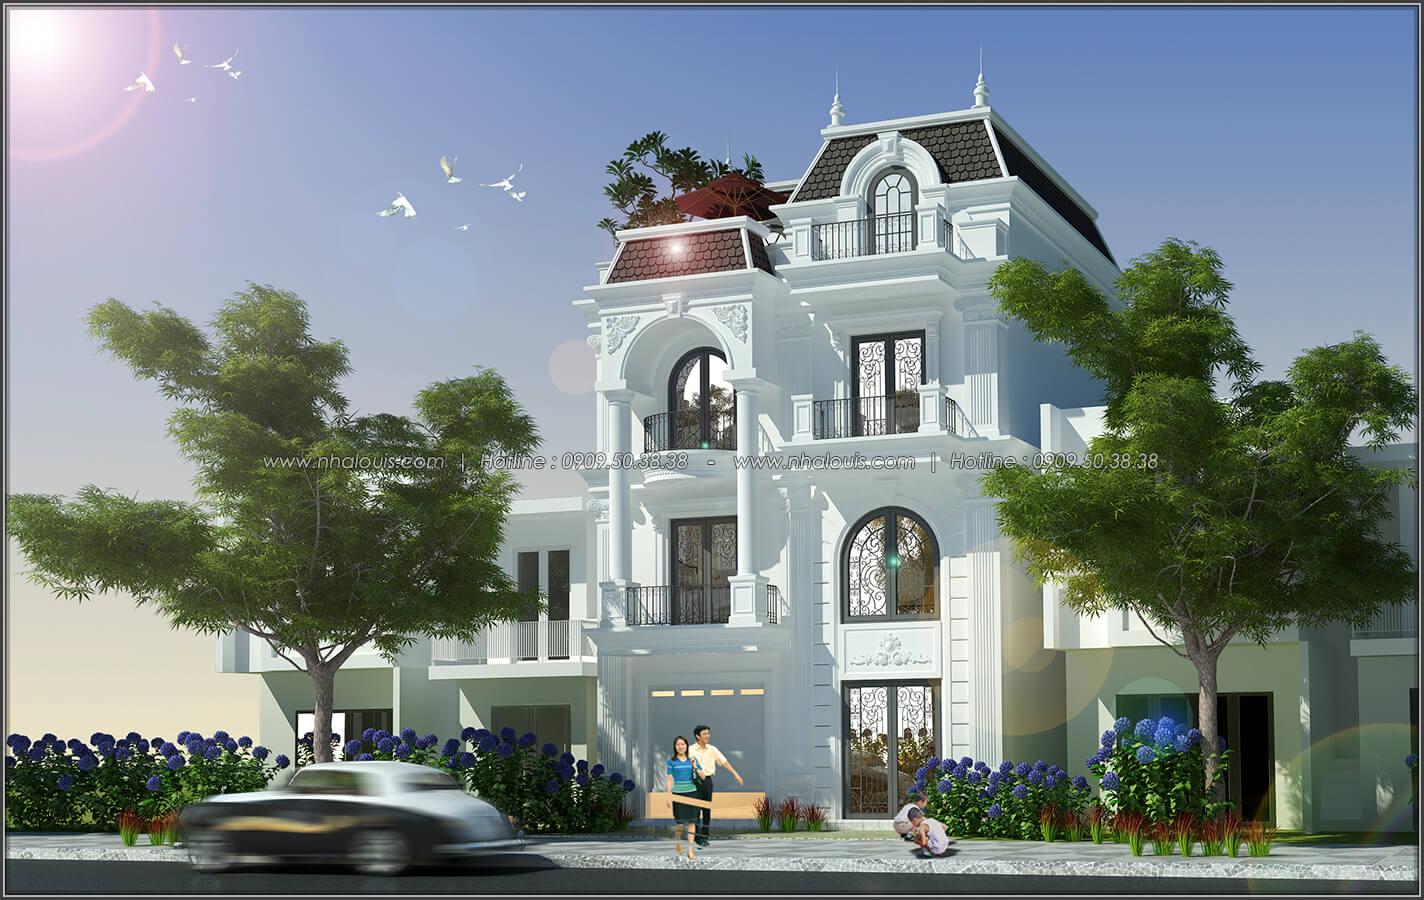 Thiết kế biệt thự 4 phòng ngủ tại Đồng Nai nổi bật trên đường phố tấp nập - 02